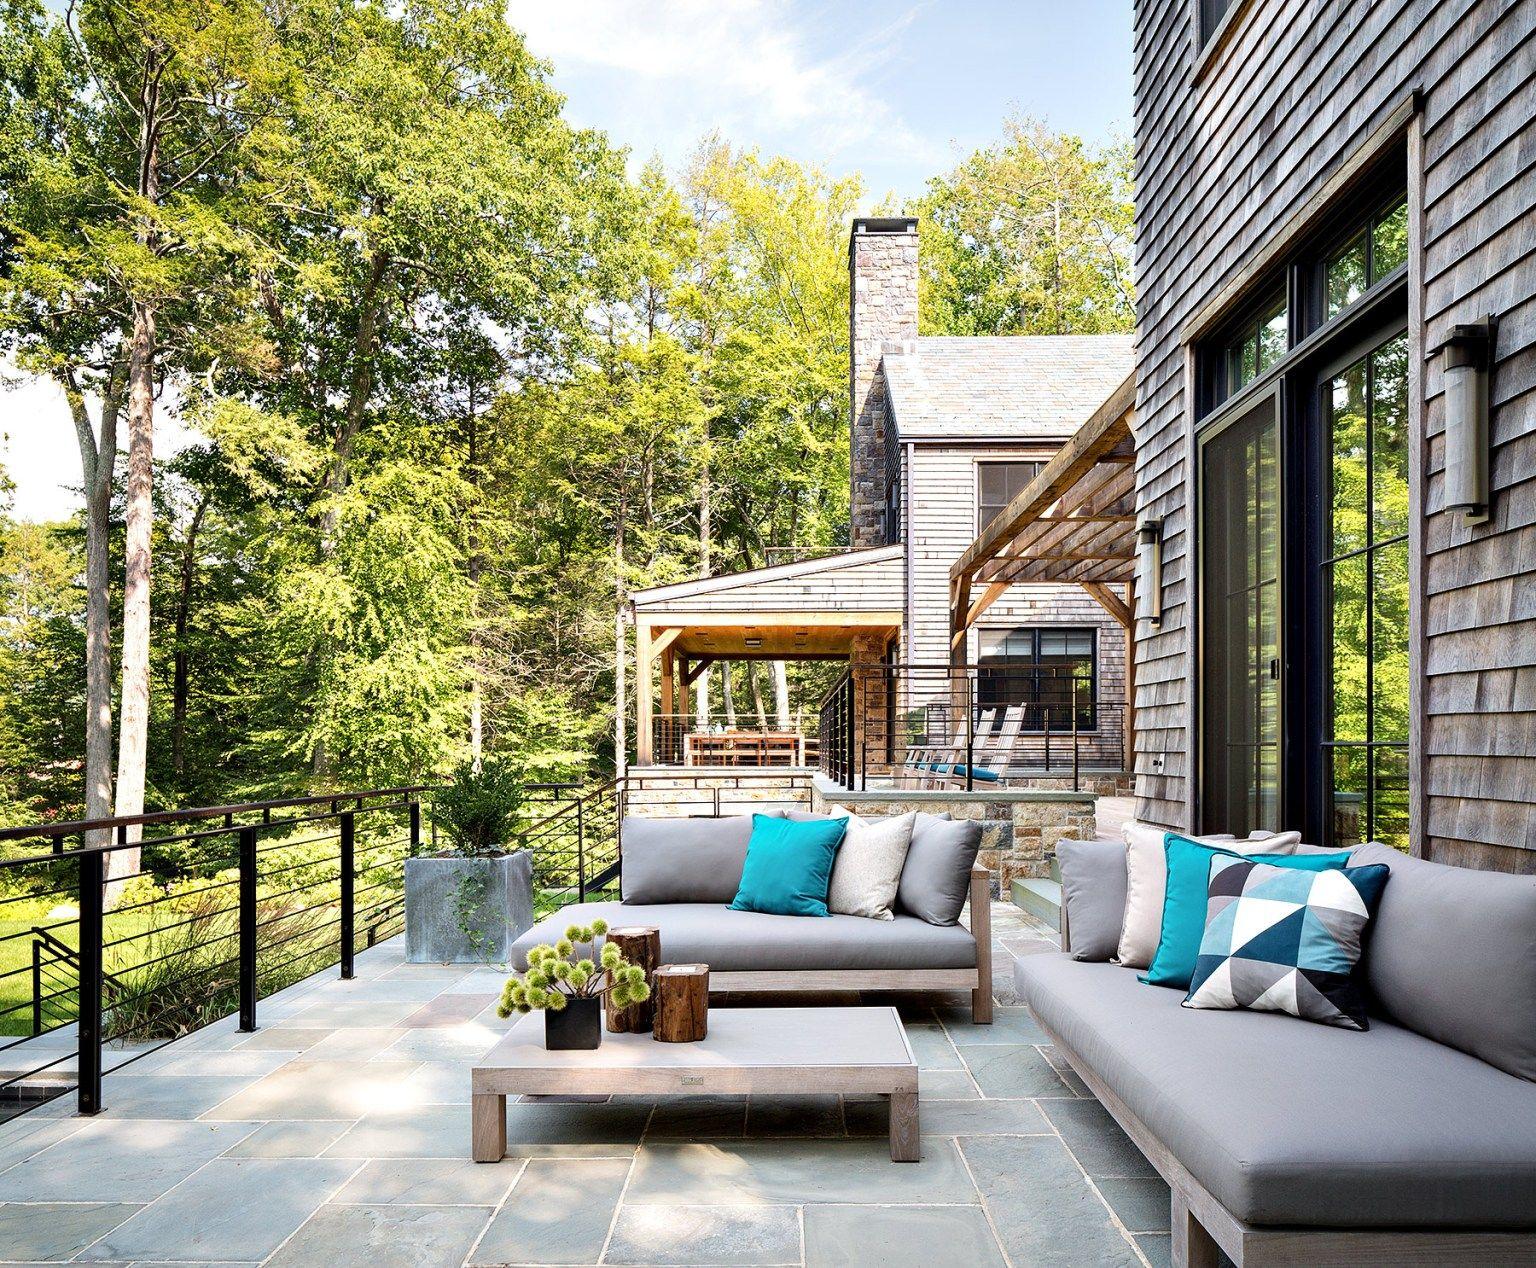 Une maison contemporaine et artisanale   Maison contemporaine, Maison, Vie en plein air